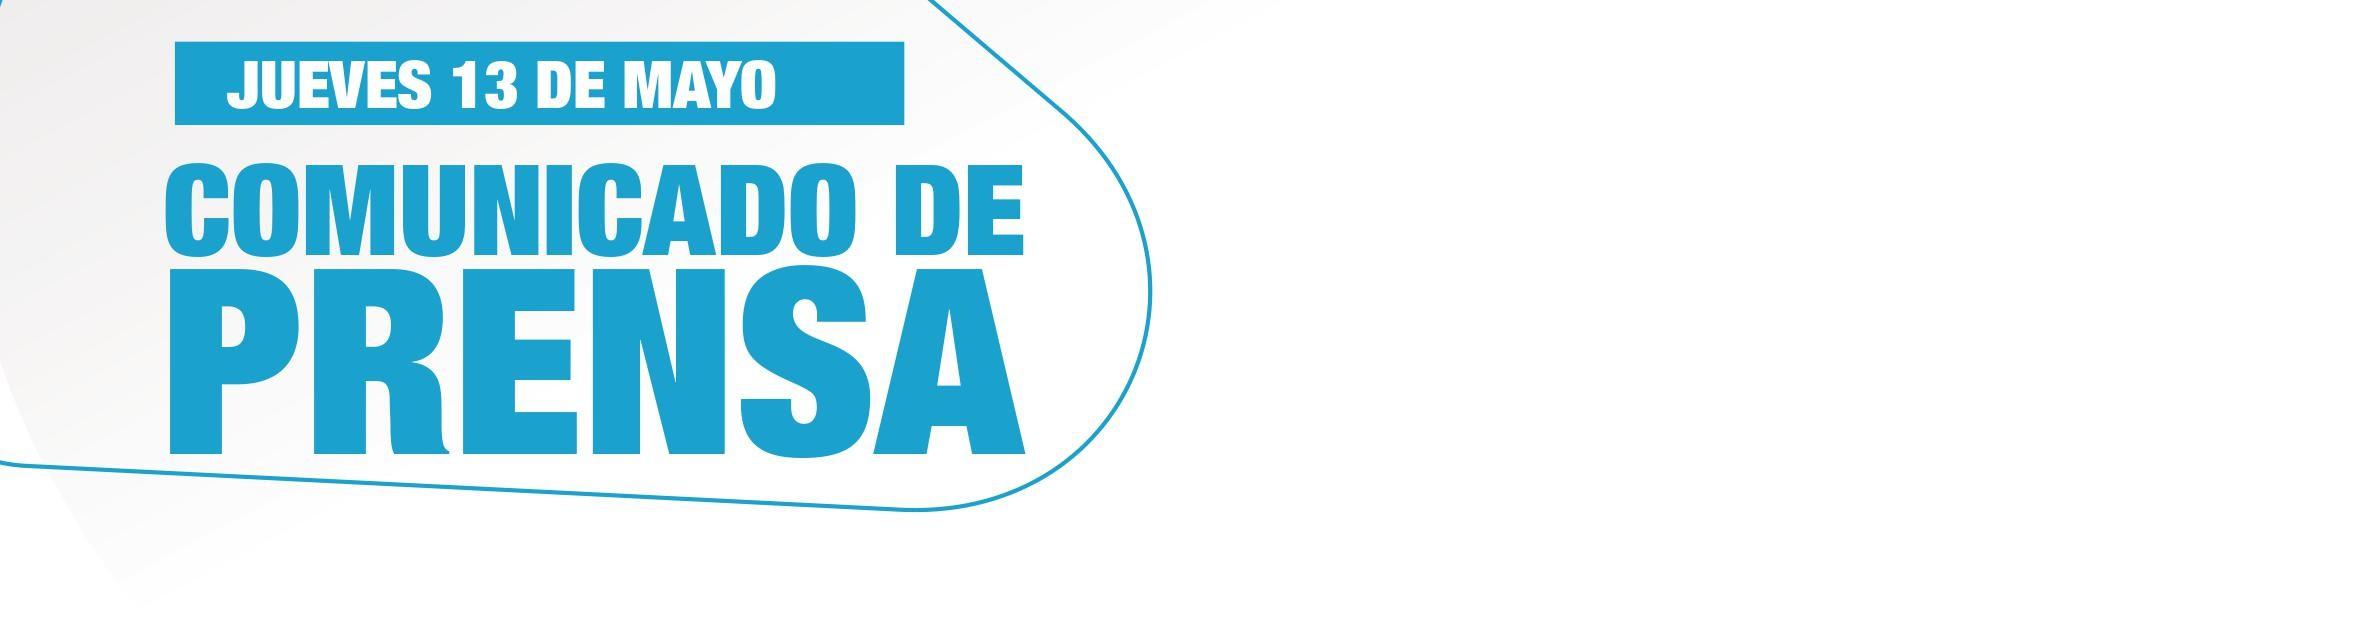 Comunicado de prensa 13 de mayo: Cámara adelanta censo para identificar afectaciones al comercio